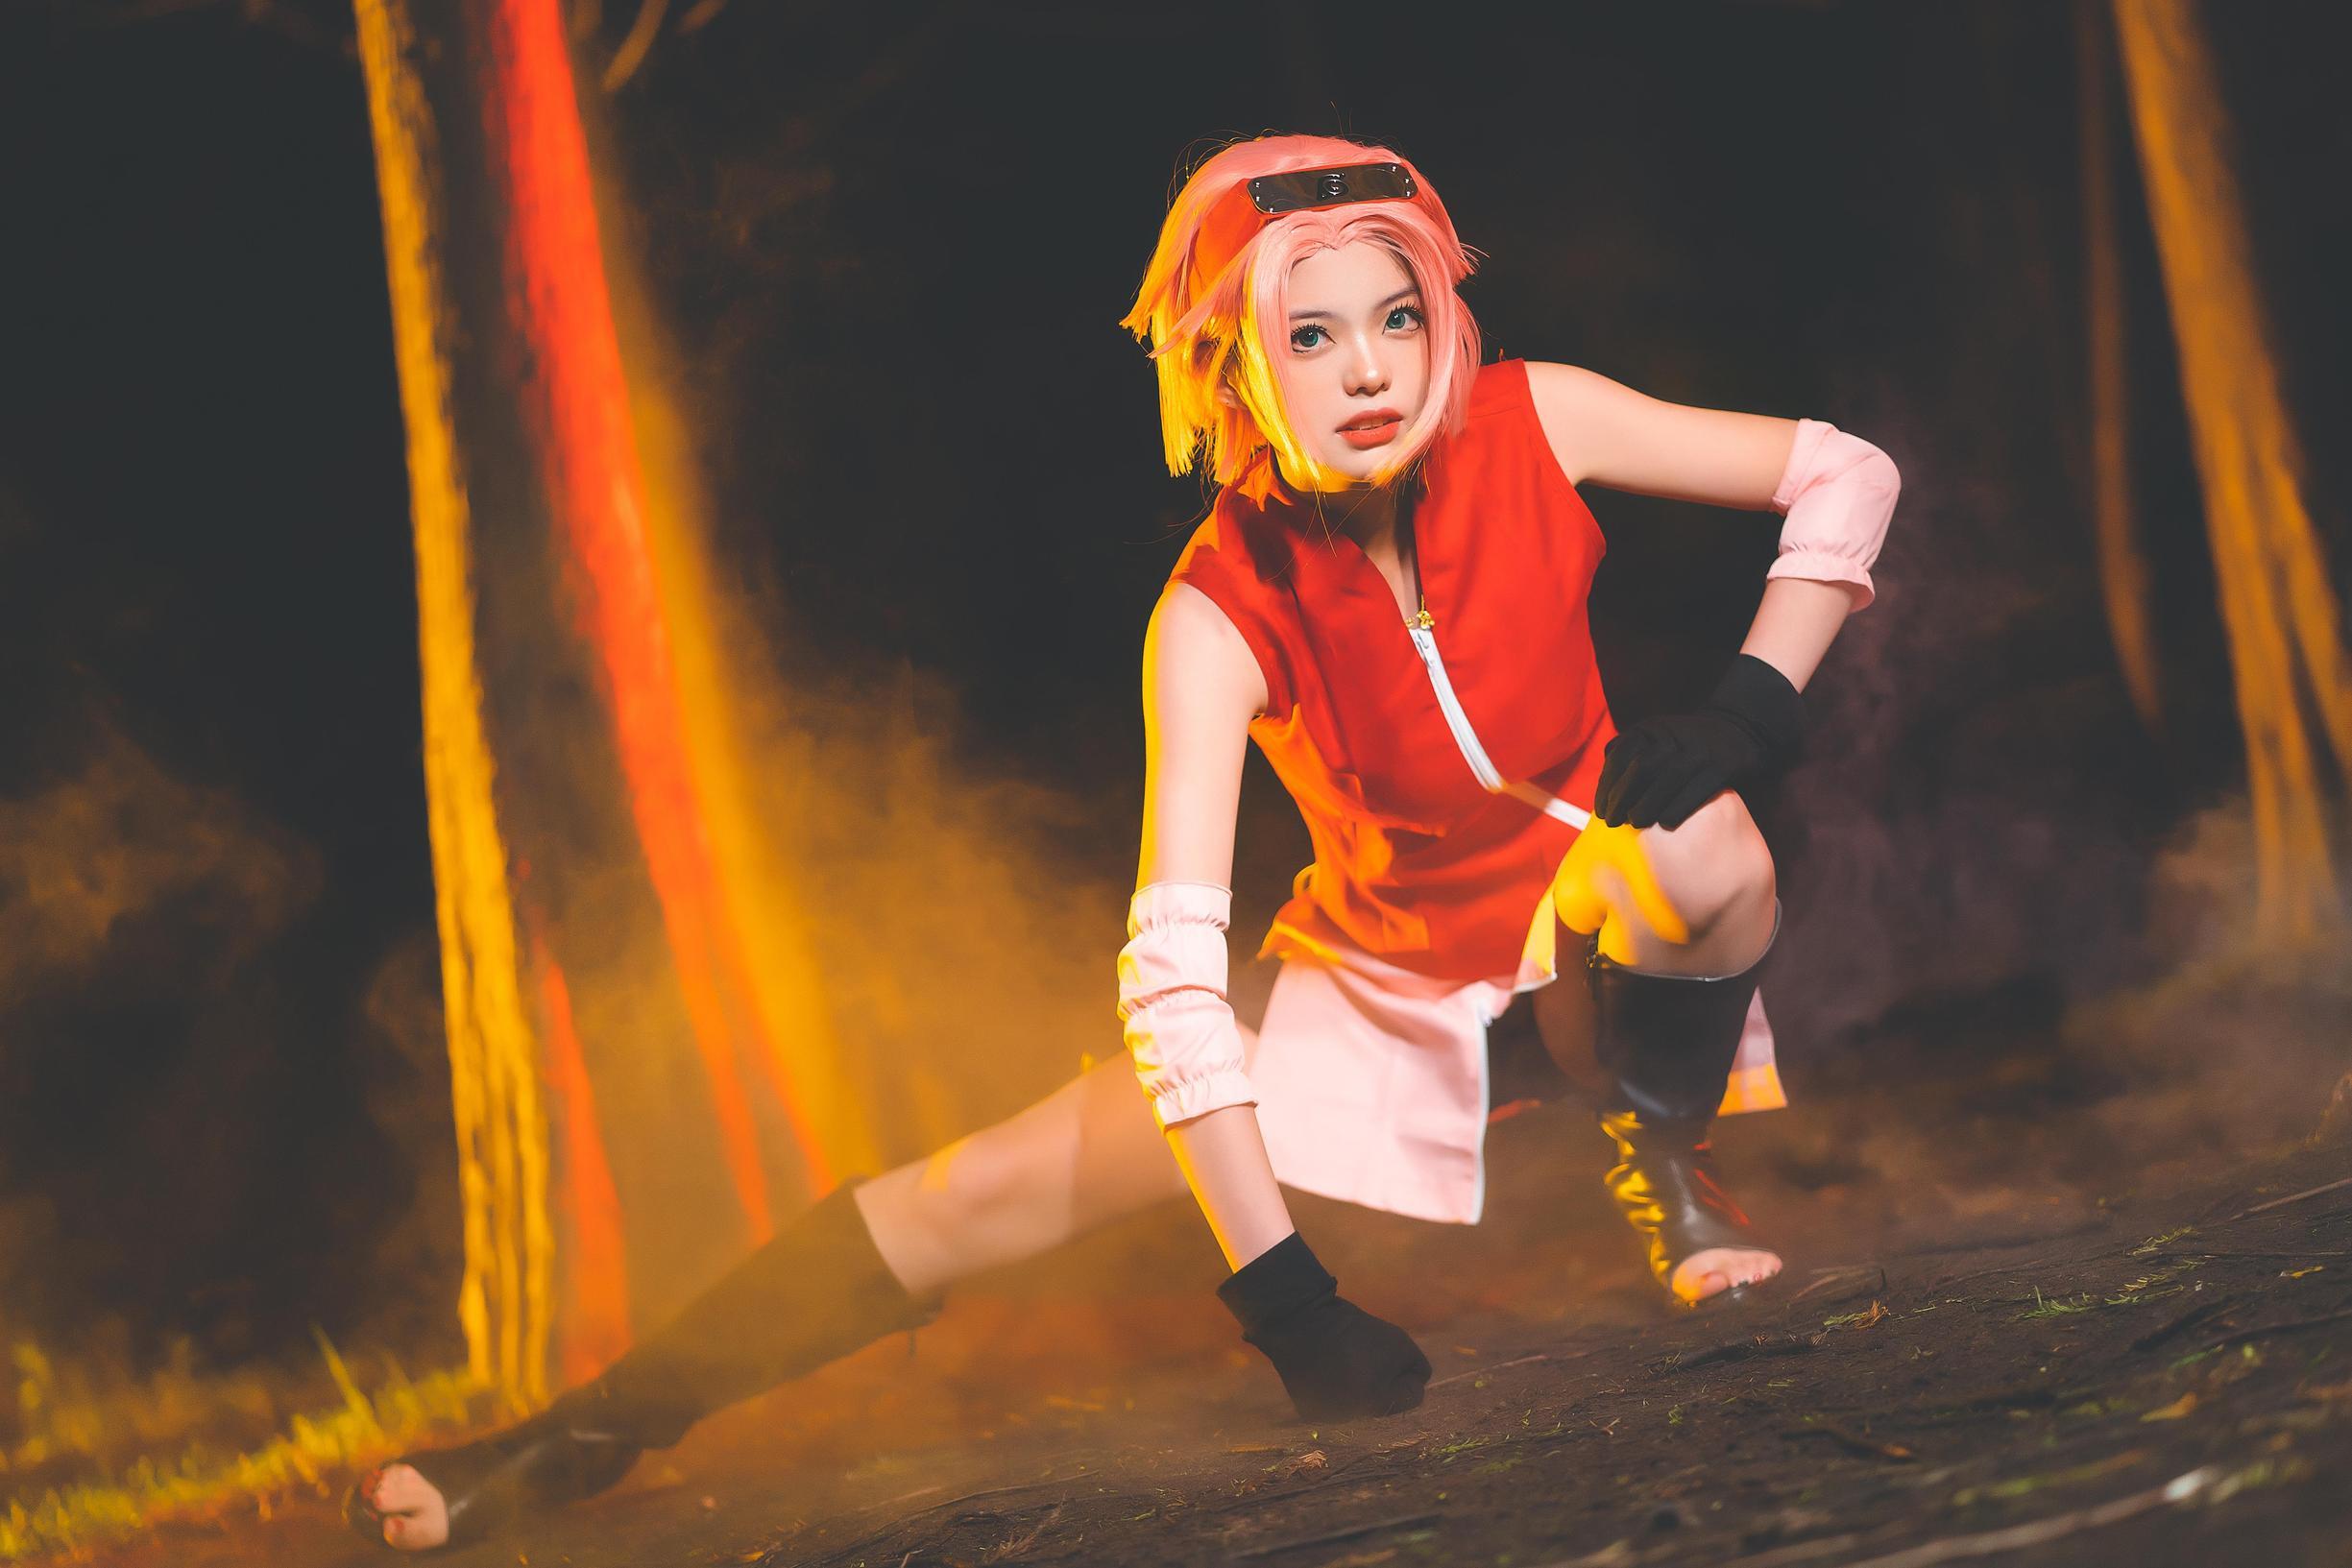 《火影忍者》正片cosplay【CN:北殿北】-第6张